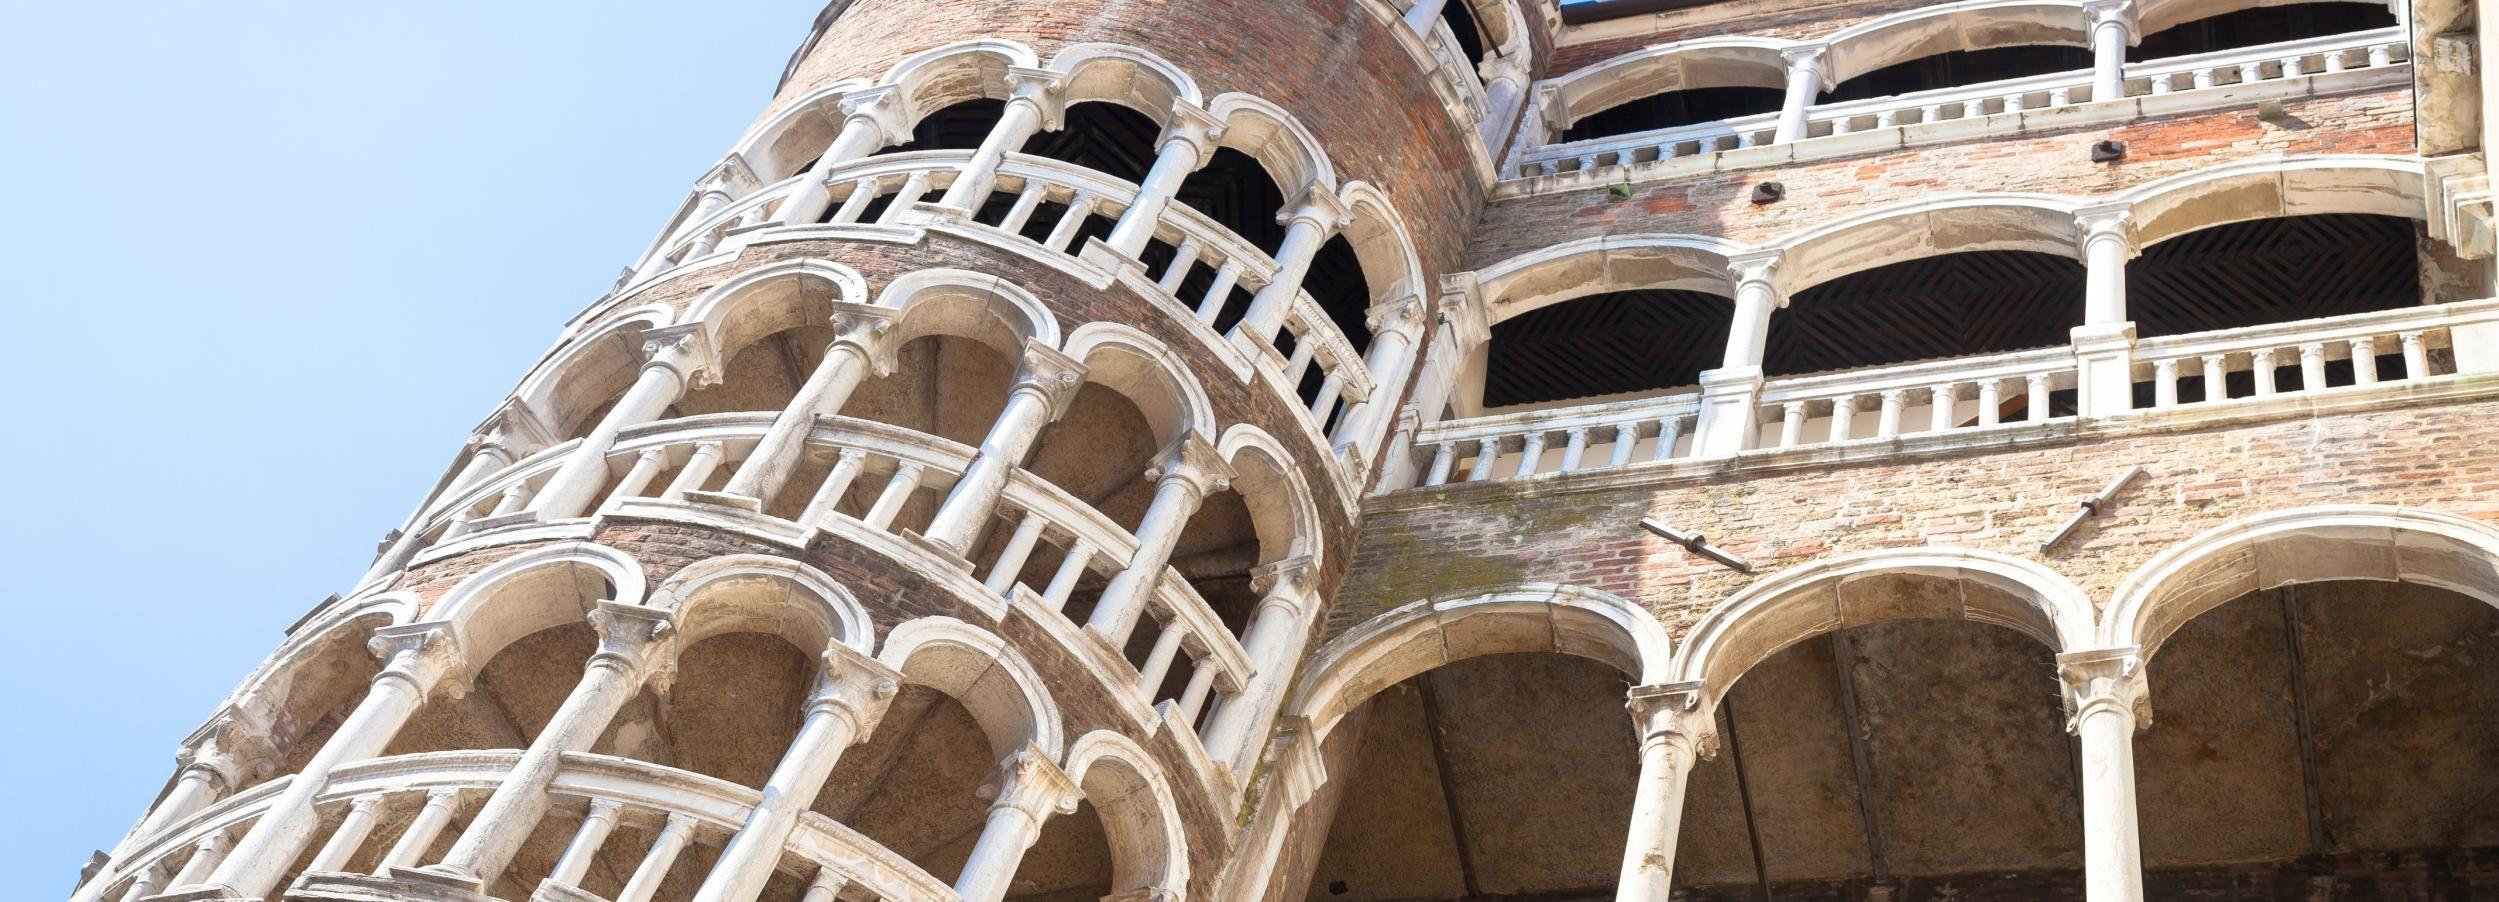 Venezia: ingresso a Palazzo Contarini del Bovolo